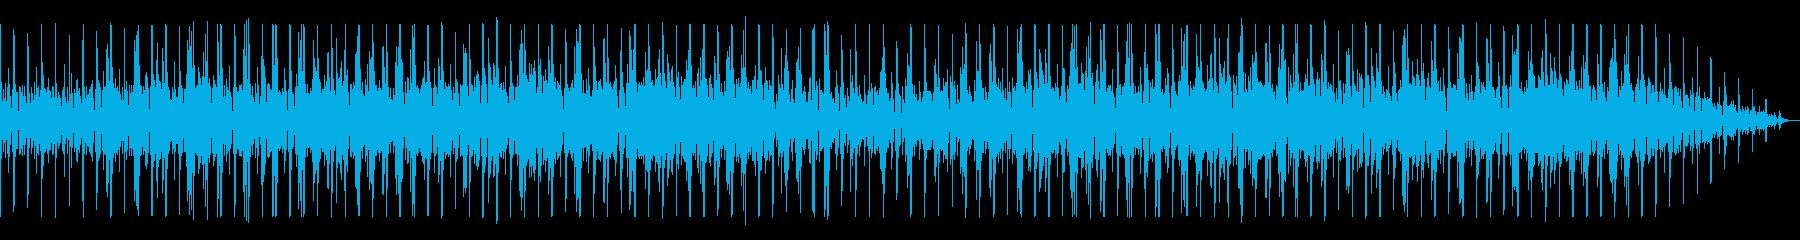 シンプルなボサノヴァ曲の再生済みの波形